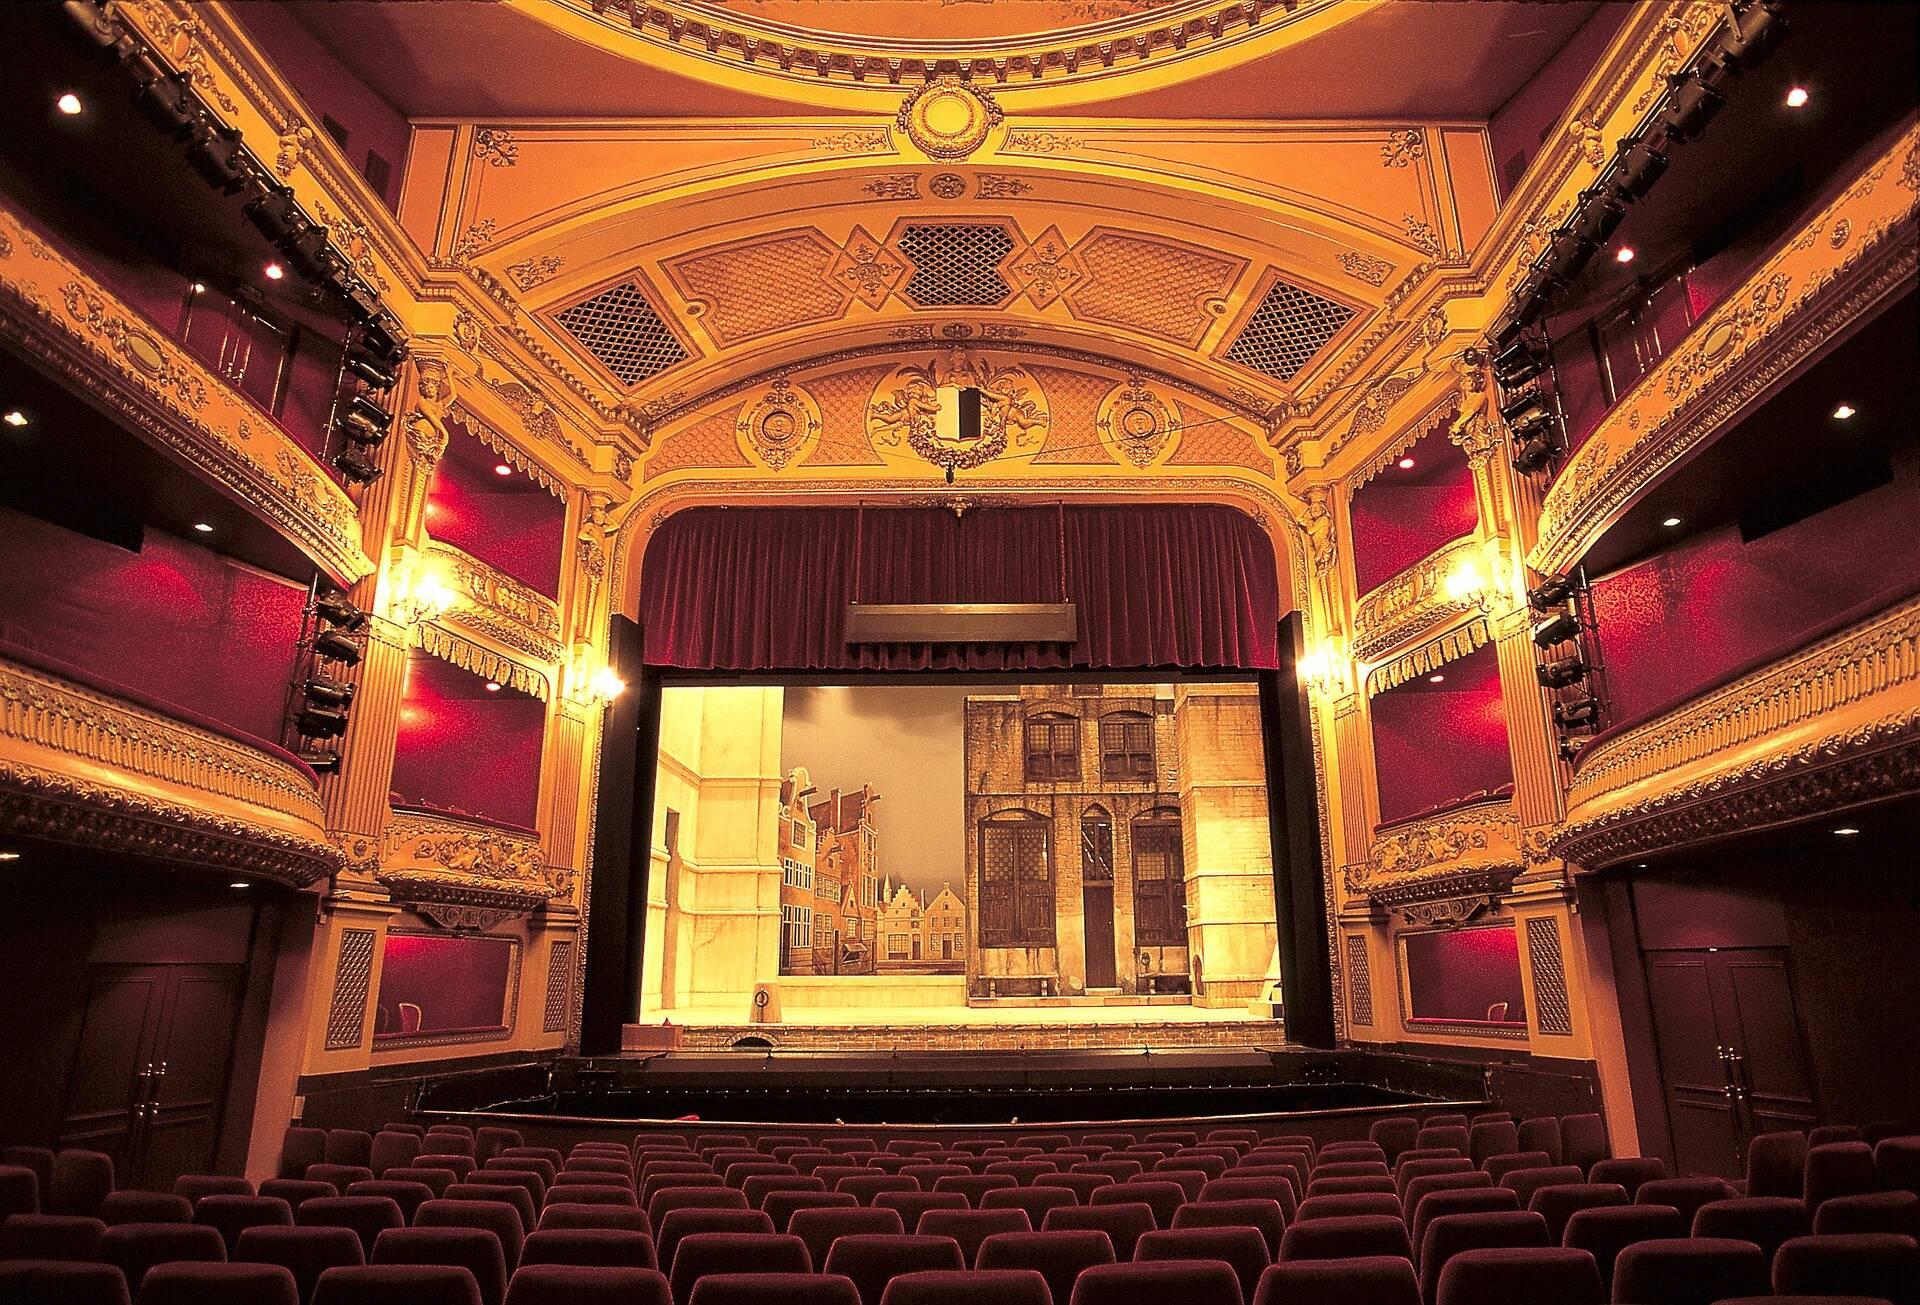 Les bonnes raisons d'aller au théâtre à Lyon